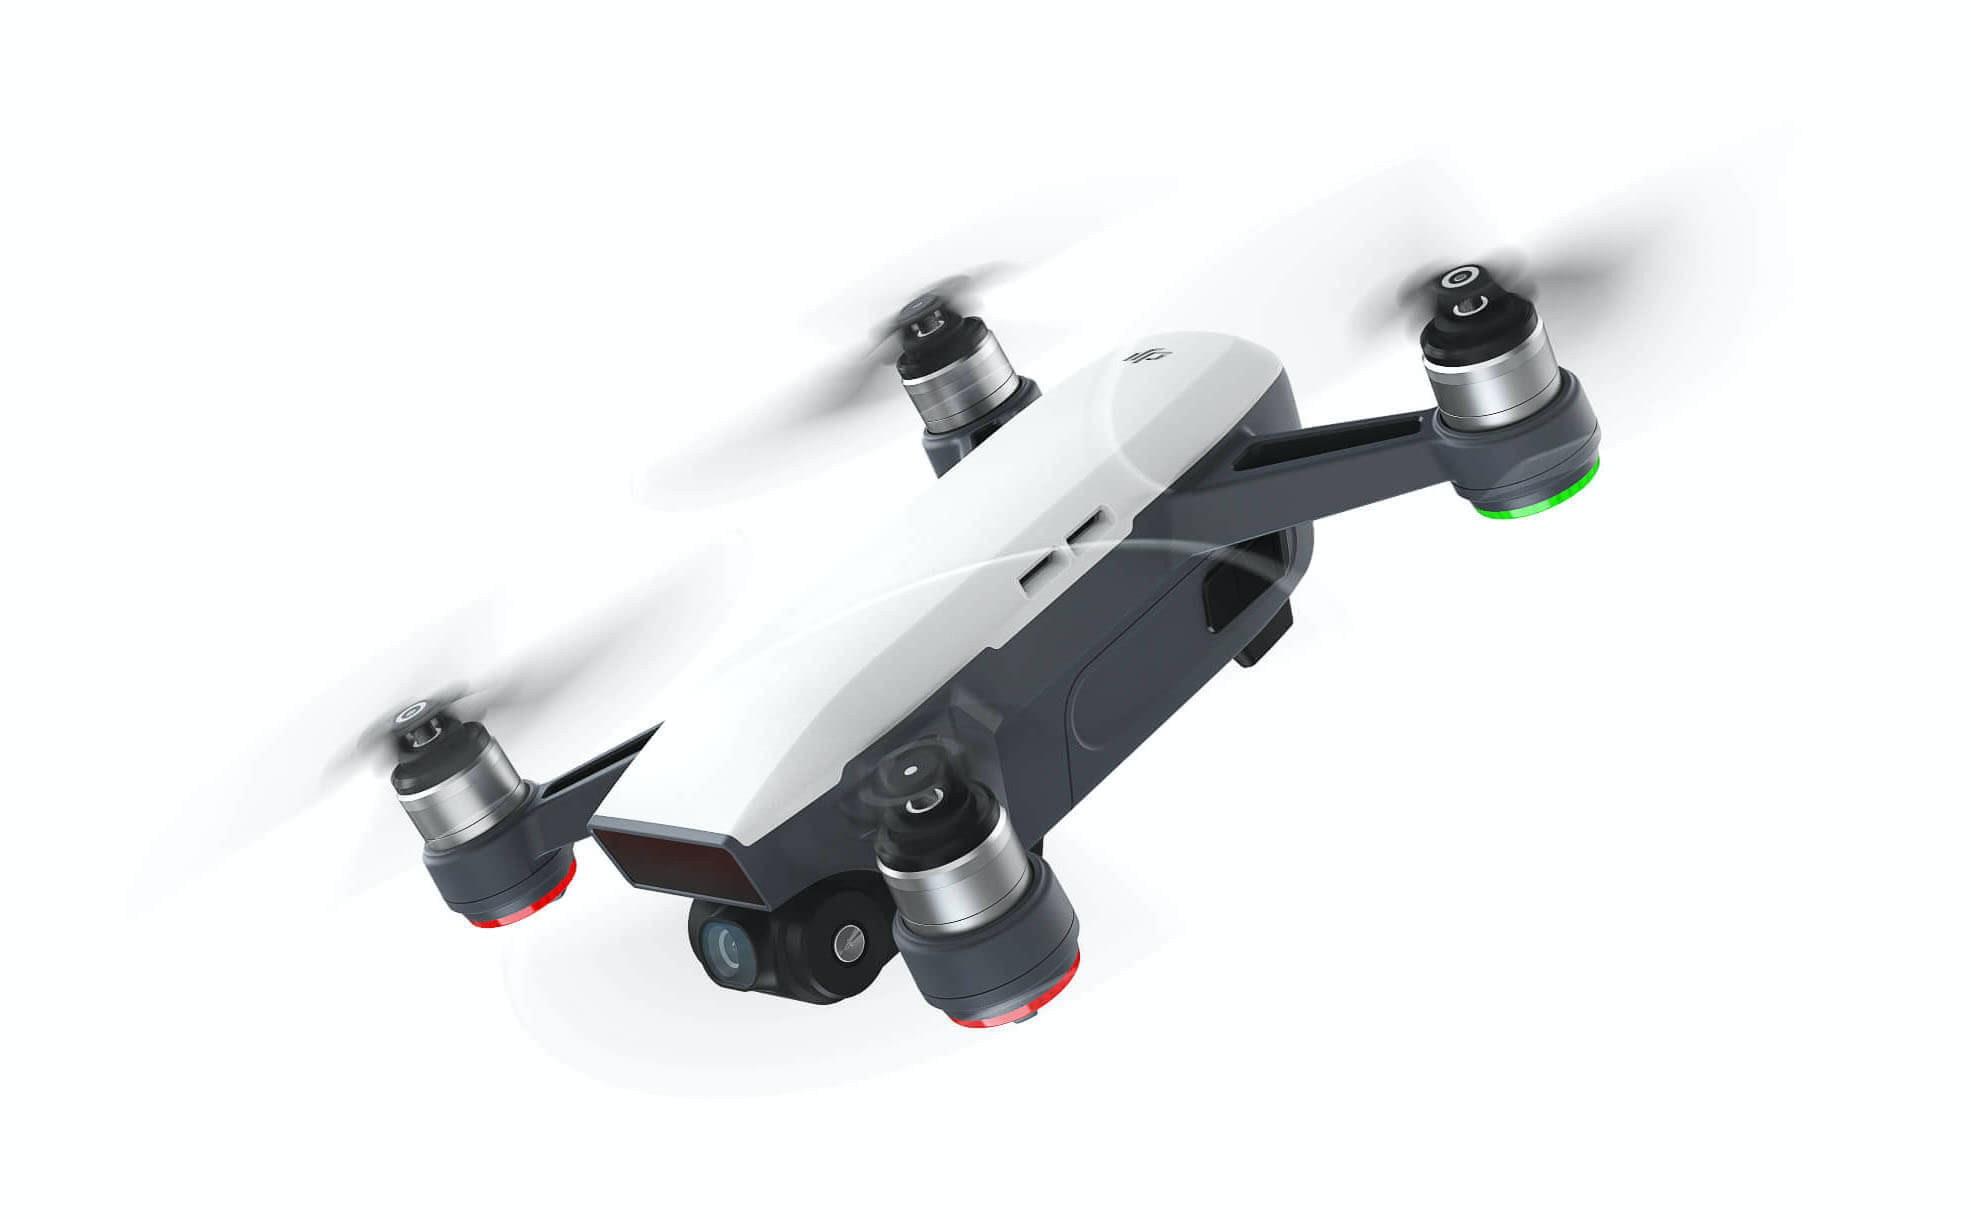 大疆晓SPARK, GoPro Karma, , DJI, Unmanned aerial vehicle, Quadcopter, Gimbal, , Camera, Phantom, dji spark - alpine white, product, product design, product, hardware, angle, optical instrument